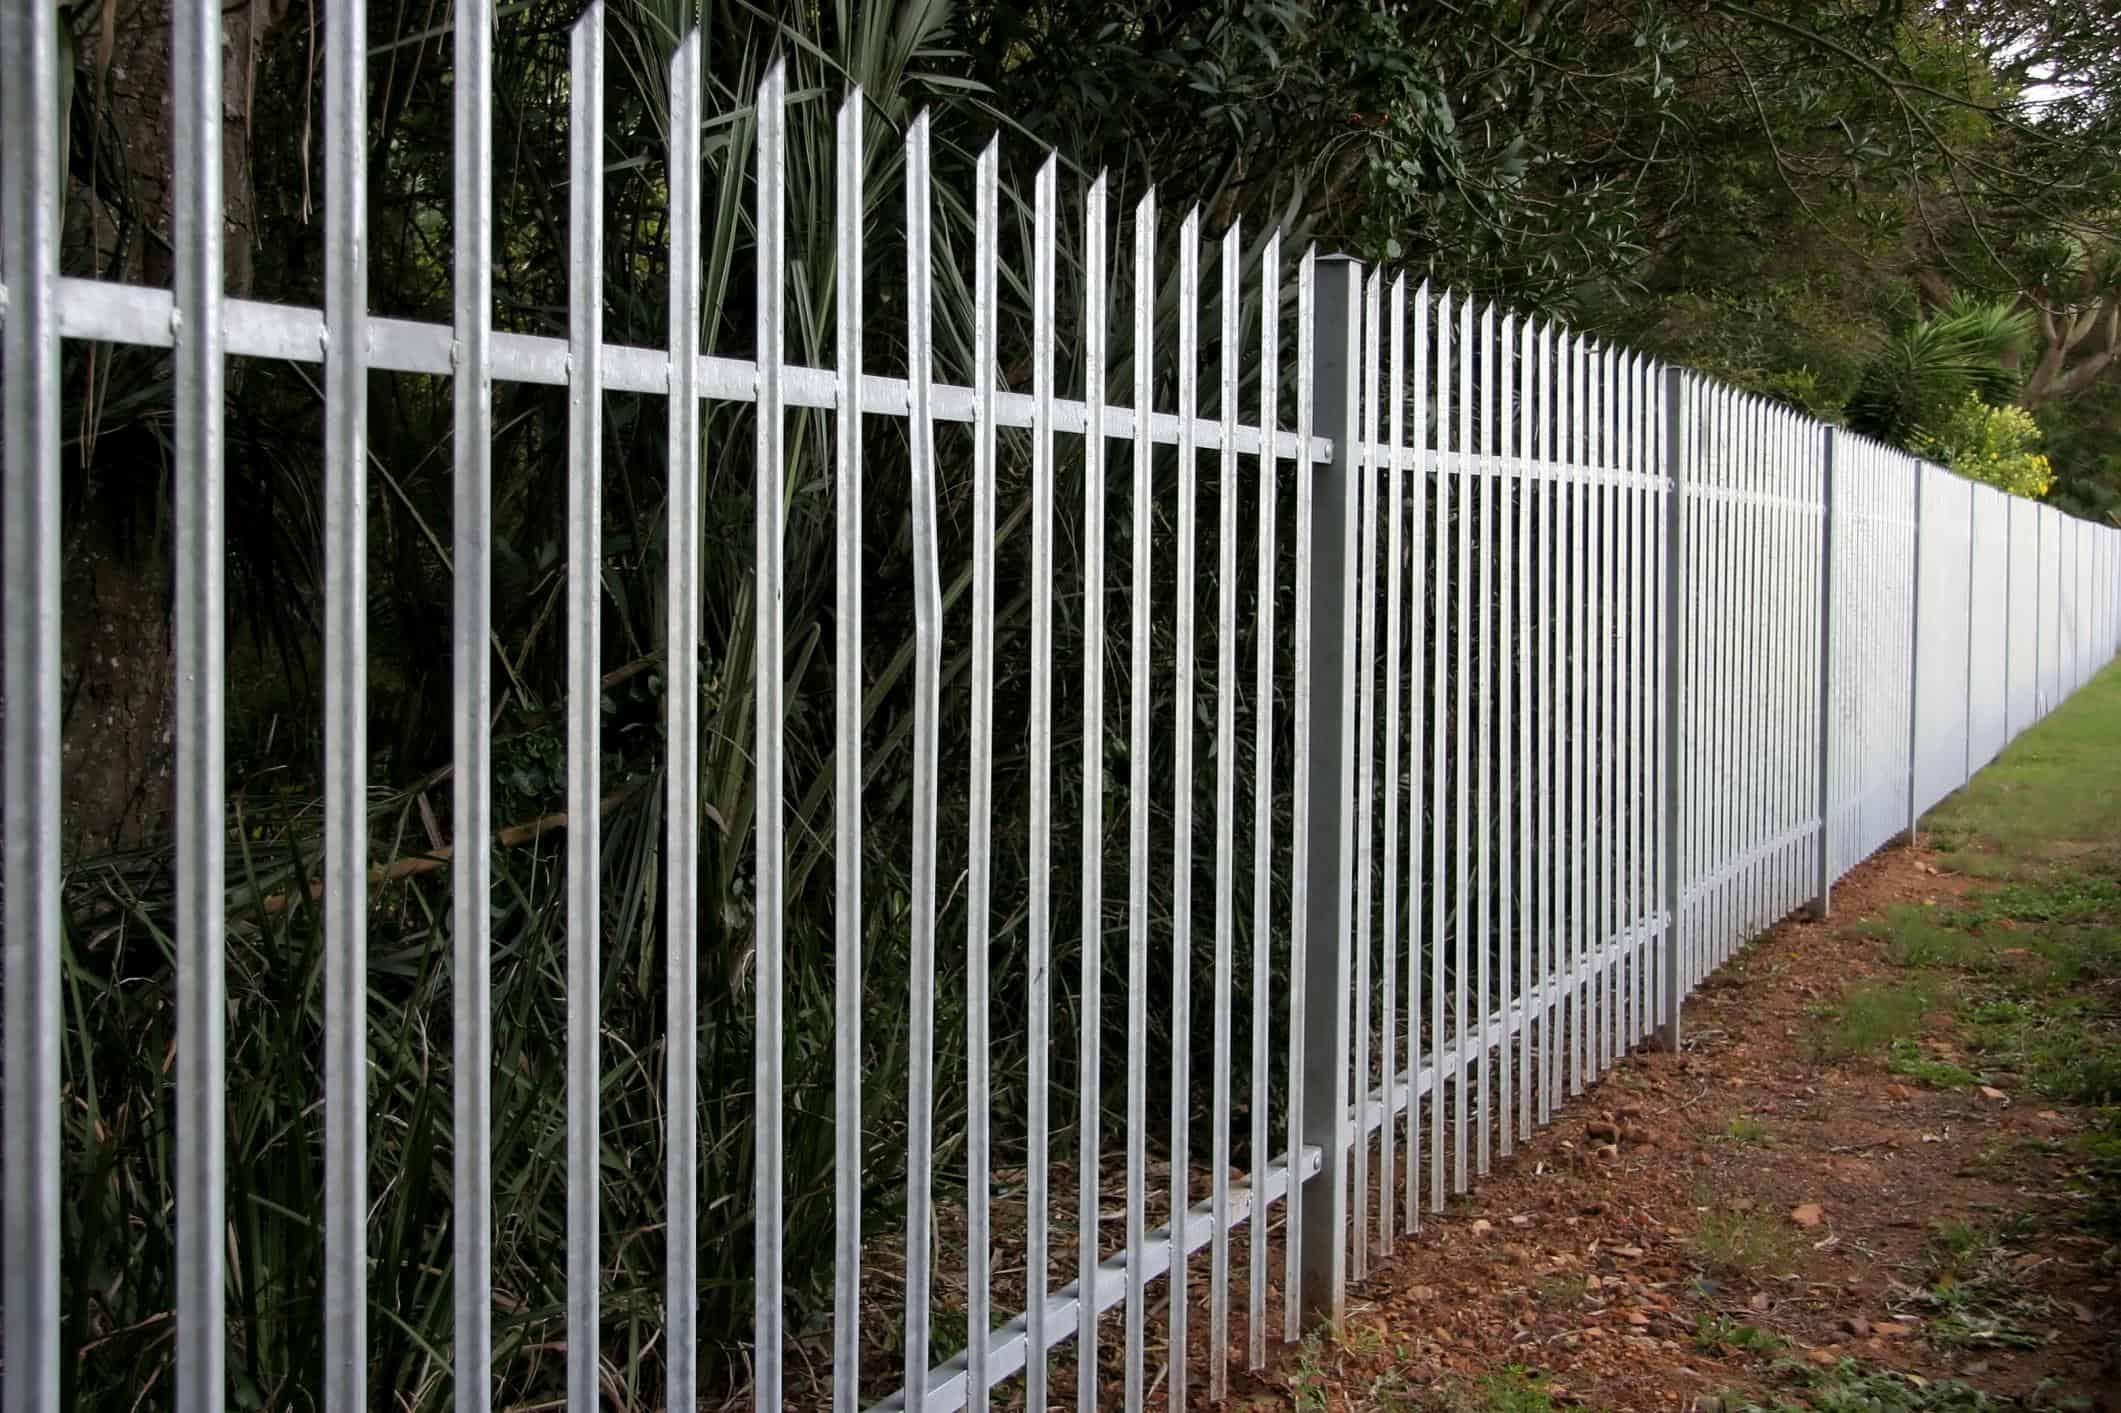 Yukon fencing contractor